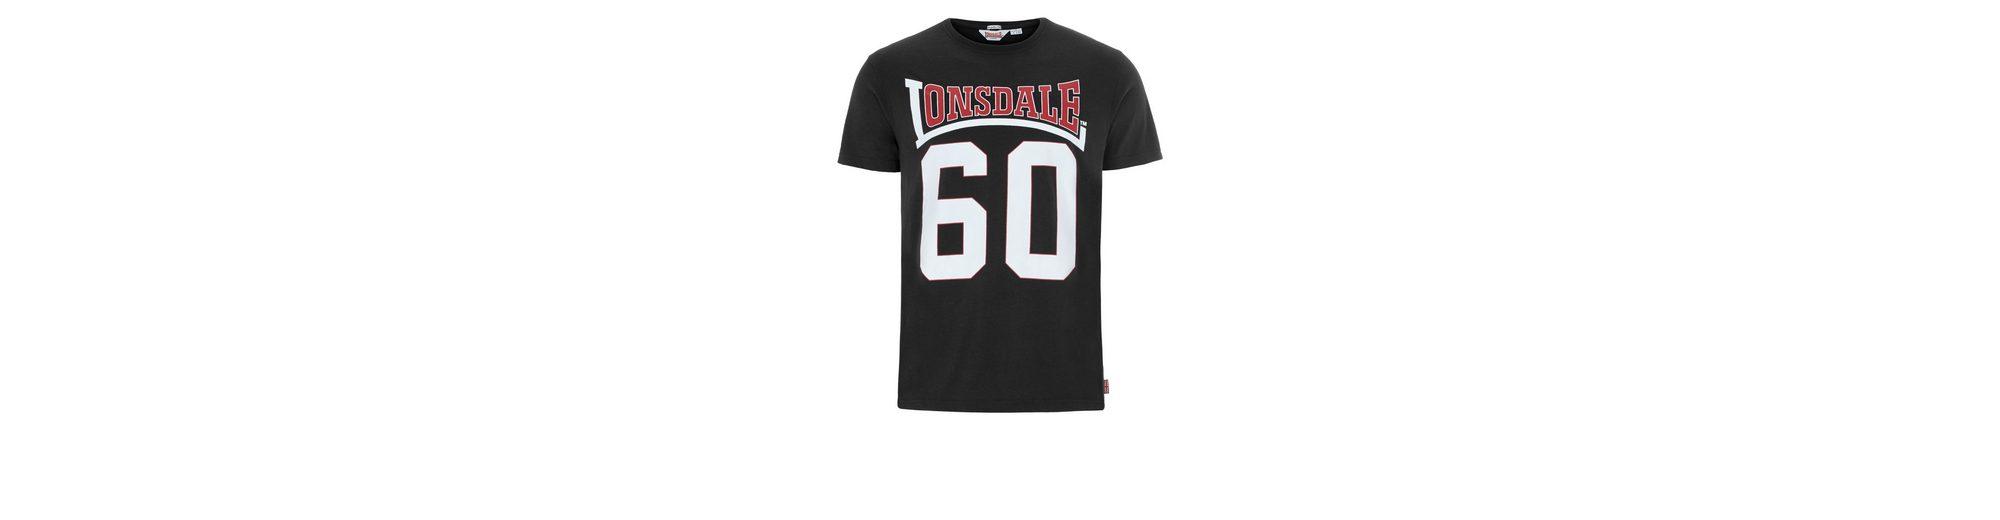 Lonsdale T-Shirt OLNEY Billige Footaction Freies Verschiffen Reale Bestseller Günstiger Preis 2018 Rabatt Eastbay Verkauf Online kehRqgwxw